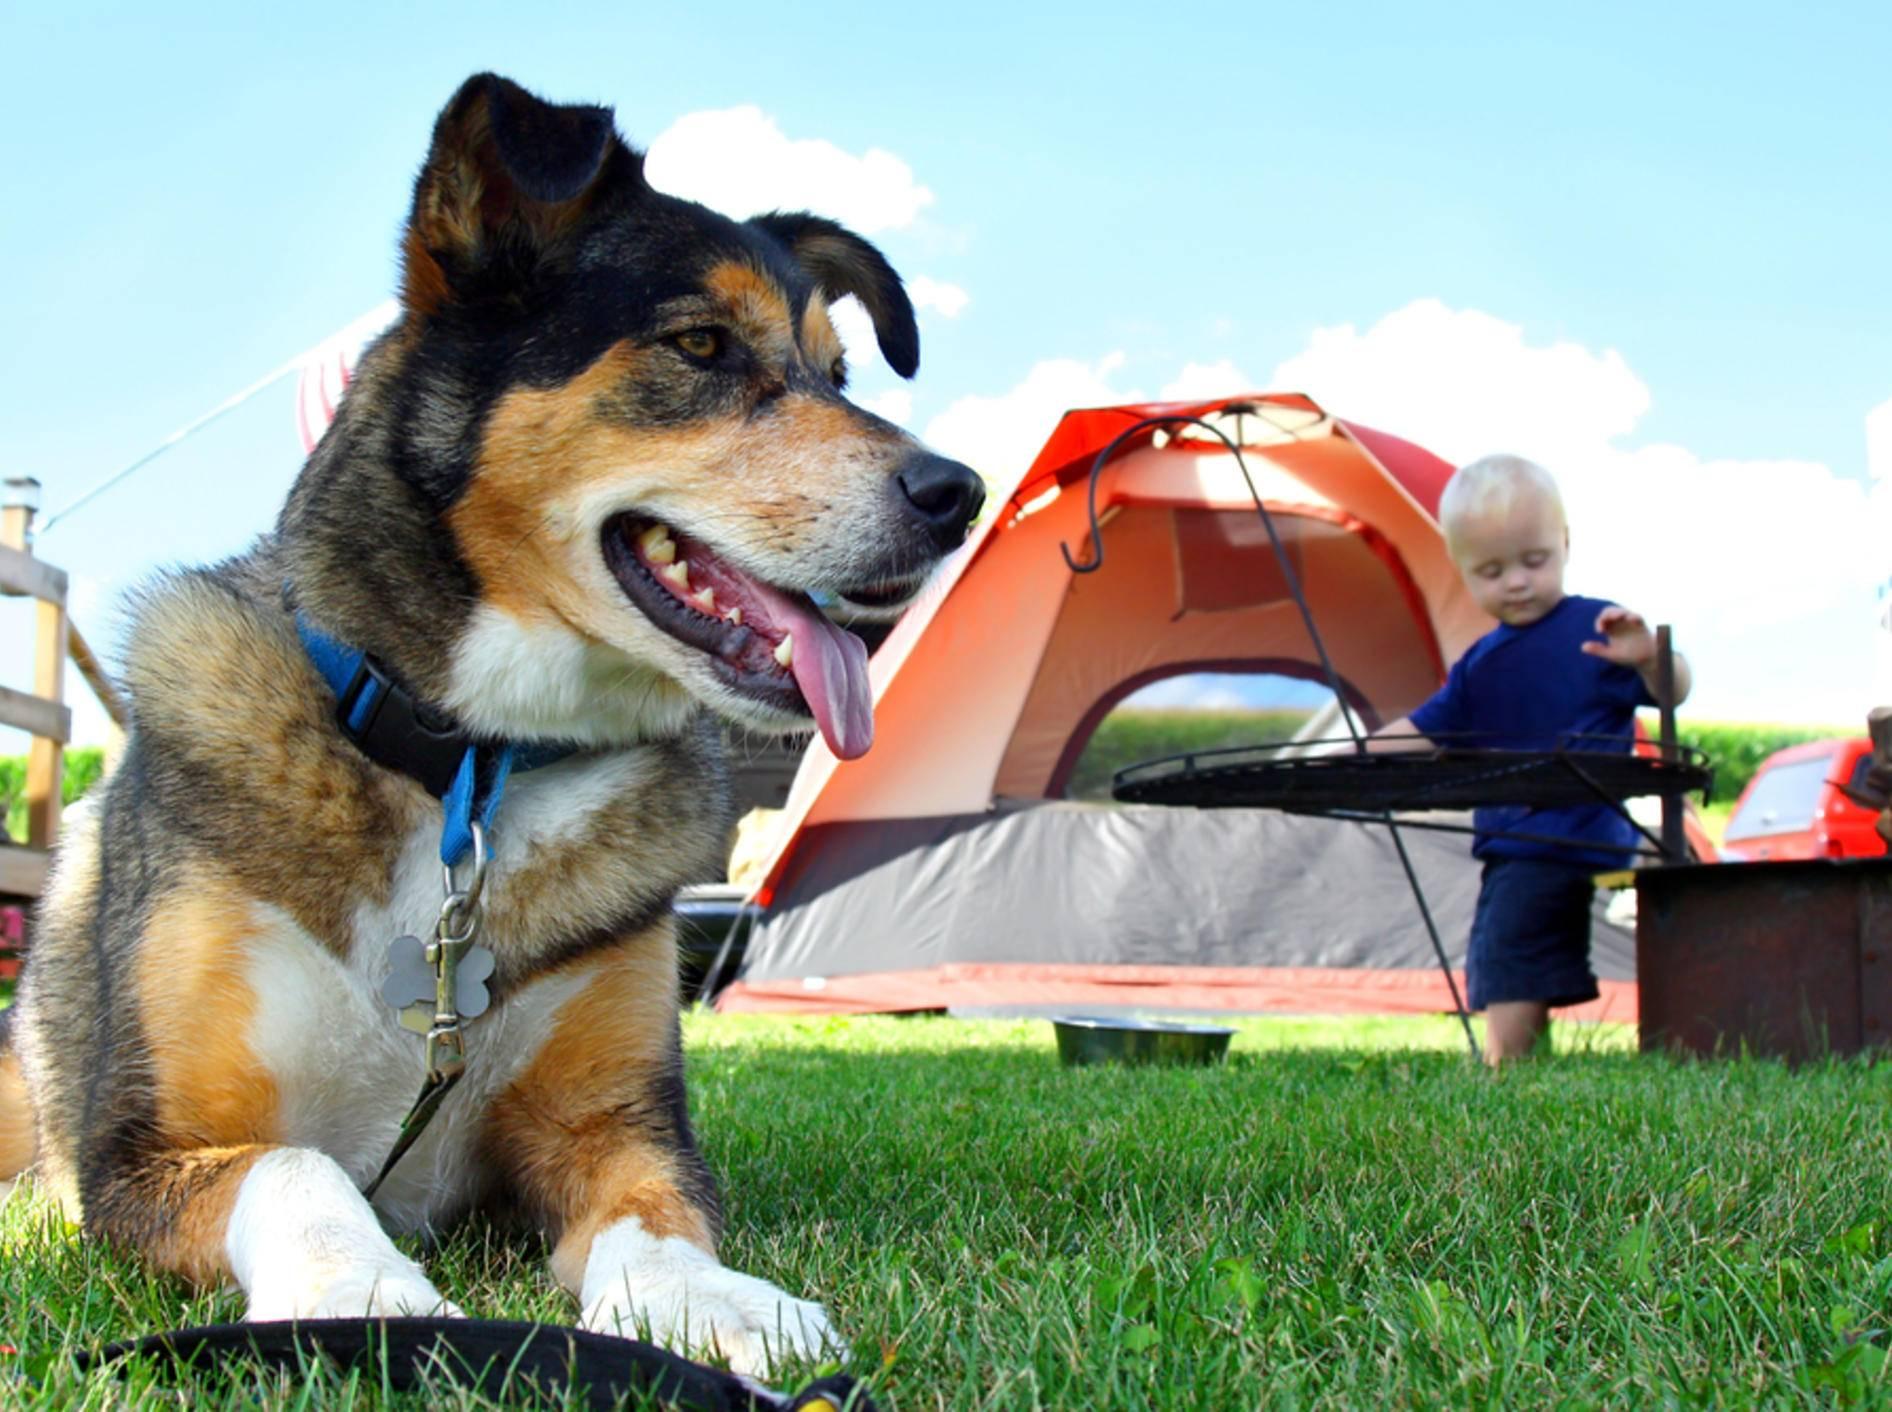 Campingurlaub mit dem Hund sorgt für Spaß an der frischen Luft – Bild: Shutterstock / Christin Lola